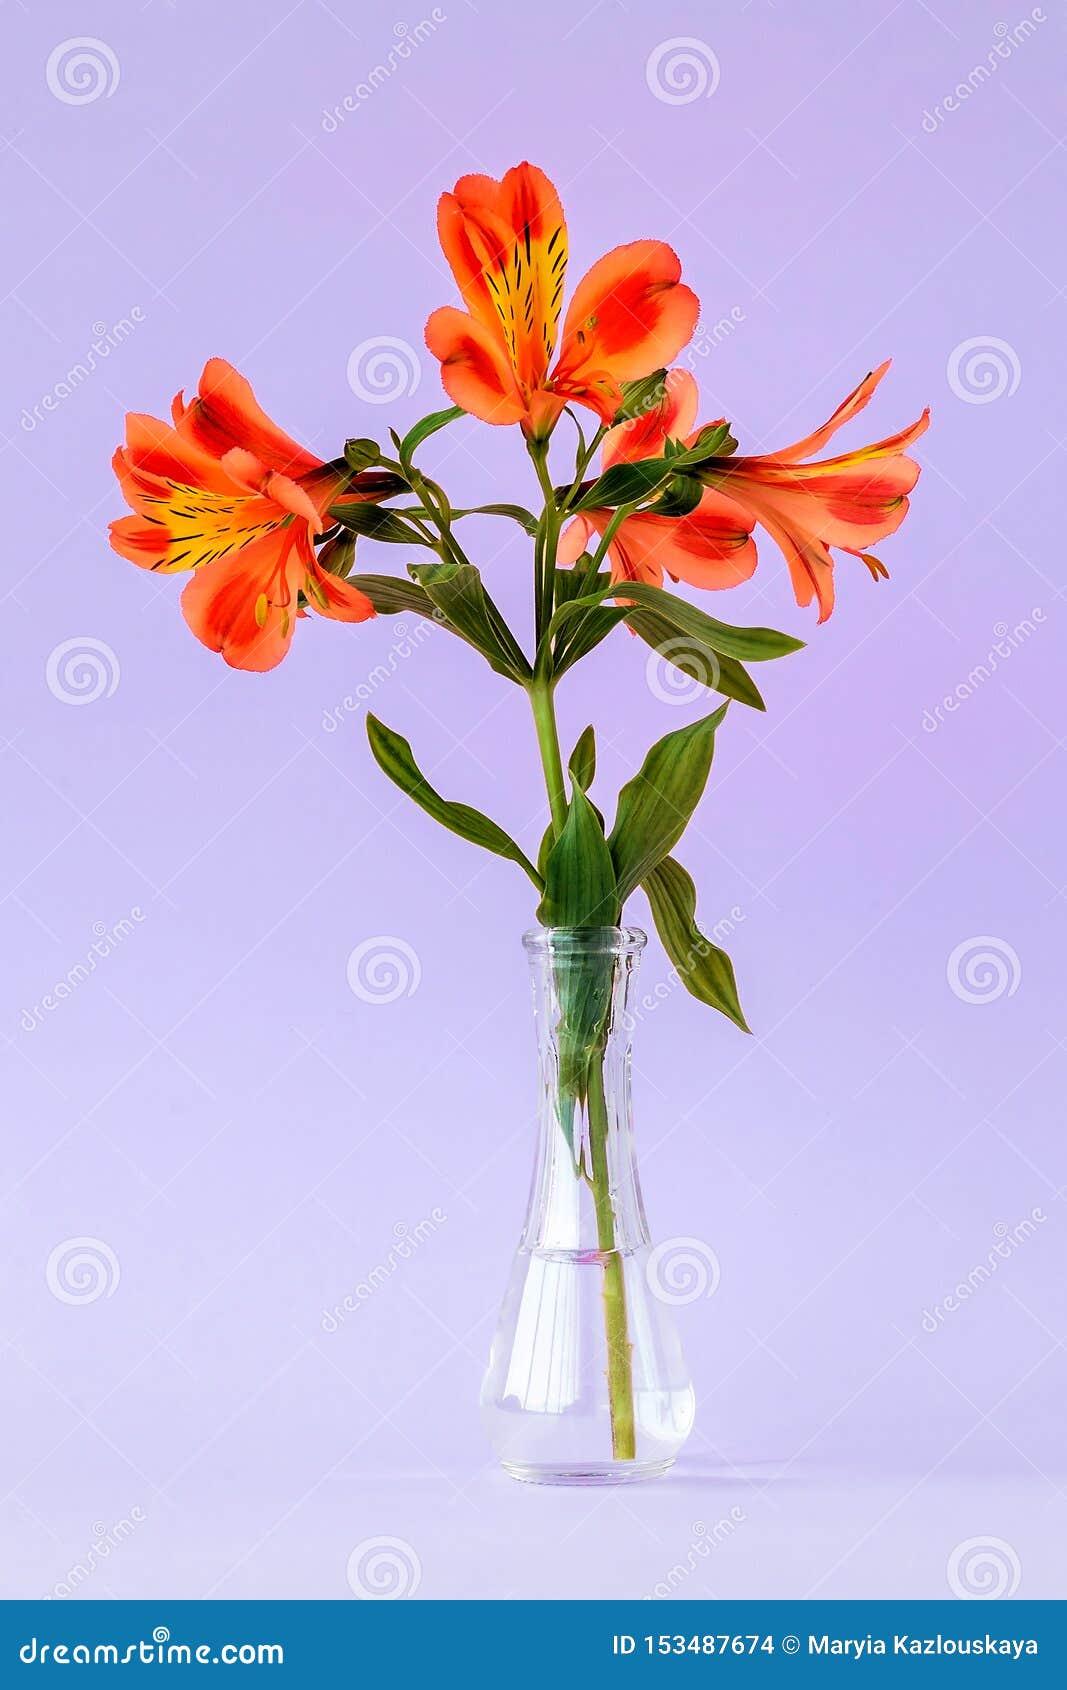 Las flores de color naranja del alstroemeria, llamaron comúnmente el lirio peruano o el lirio de los incas en un pequeño florero